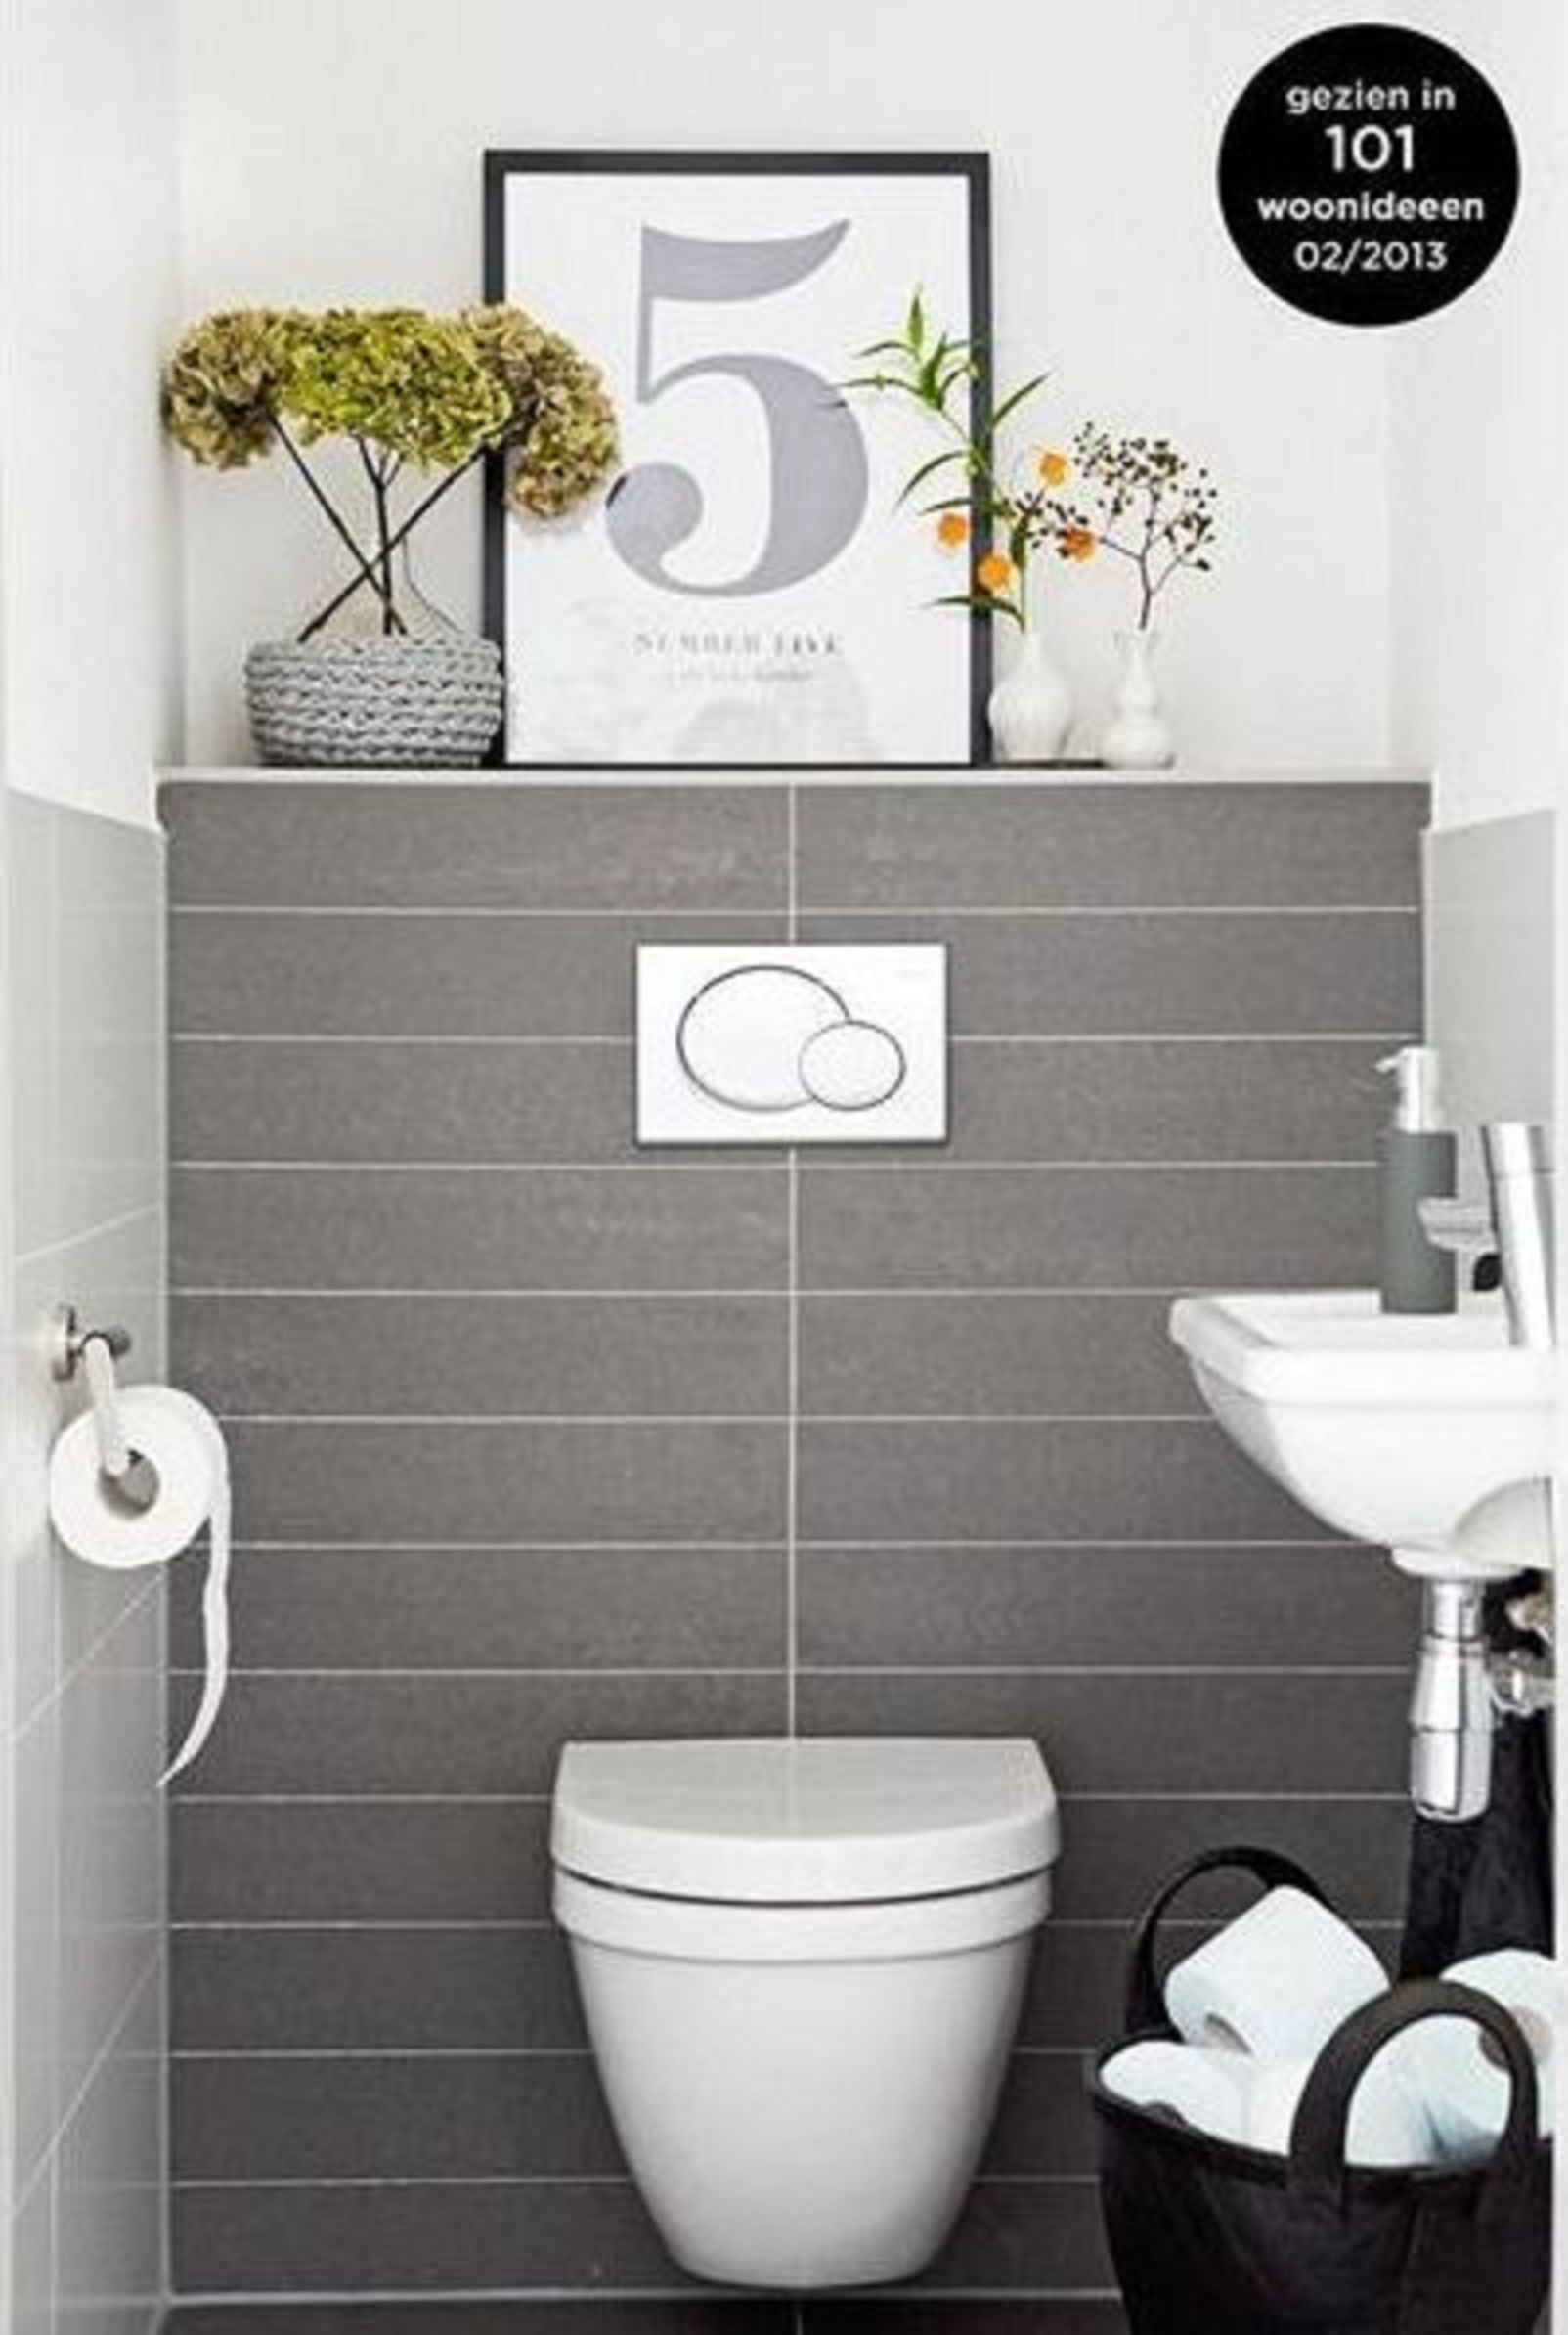 Casa de banho pequena sem problema for Small toilet room design